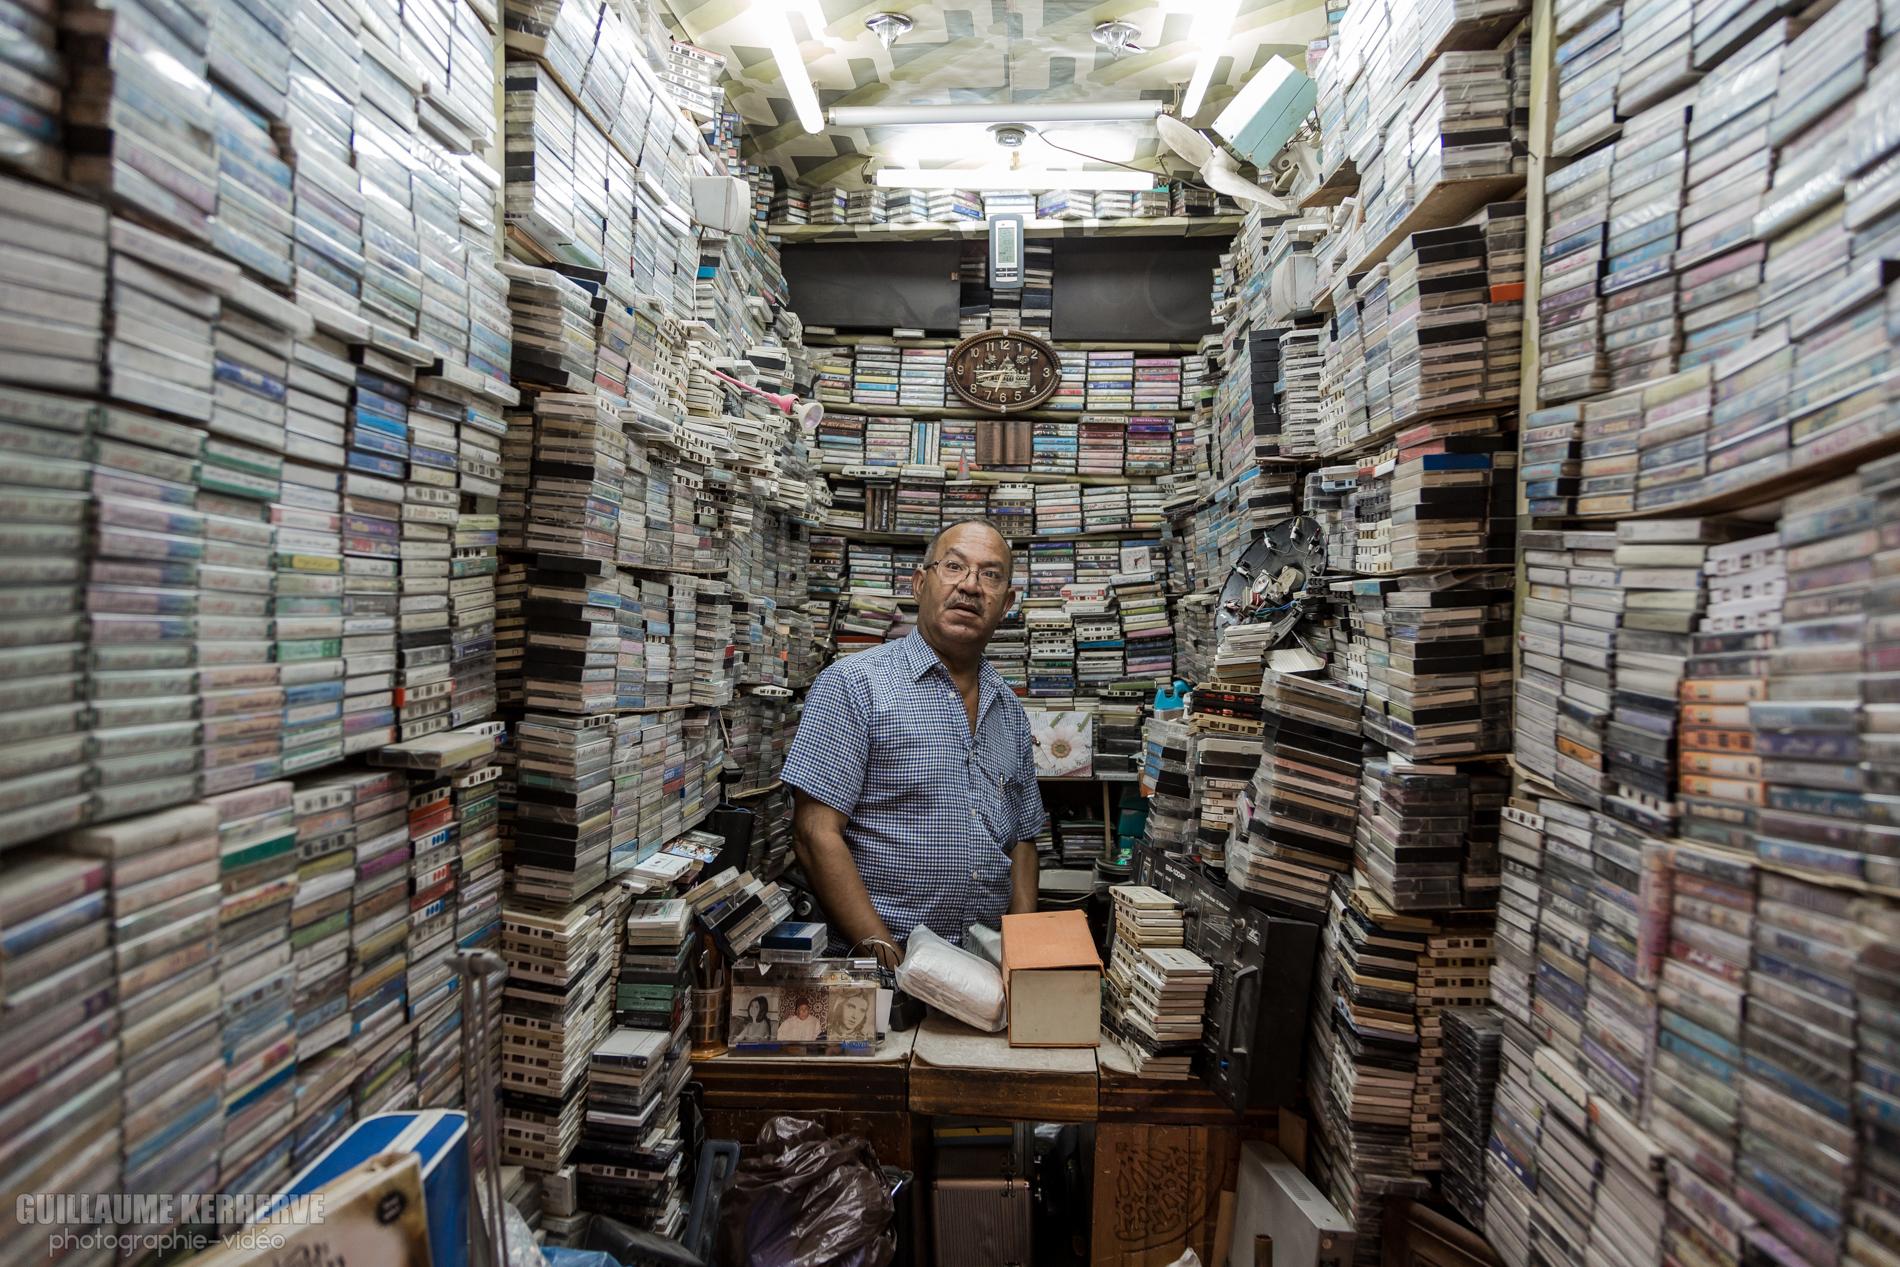 Vendeur de cassettes audio